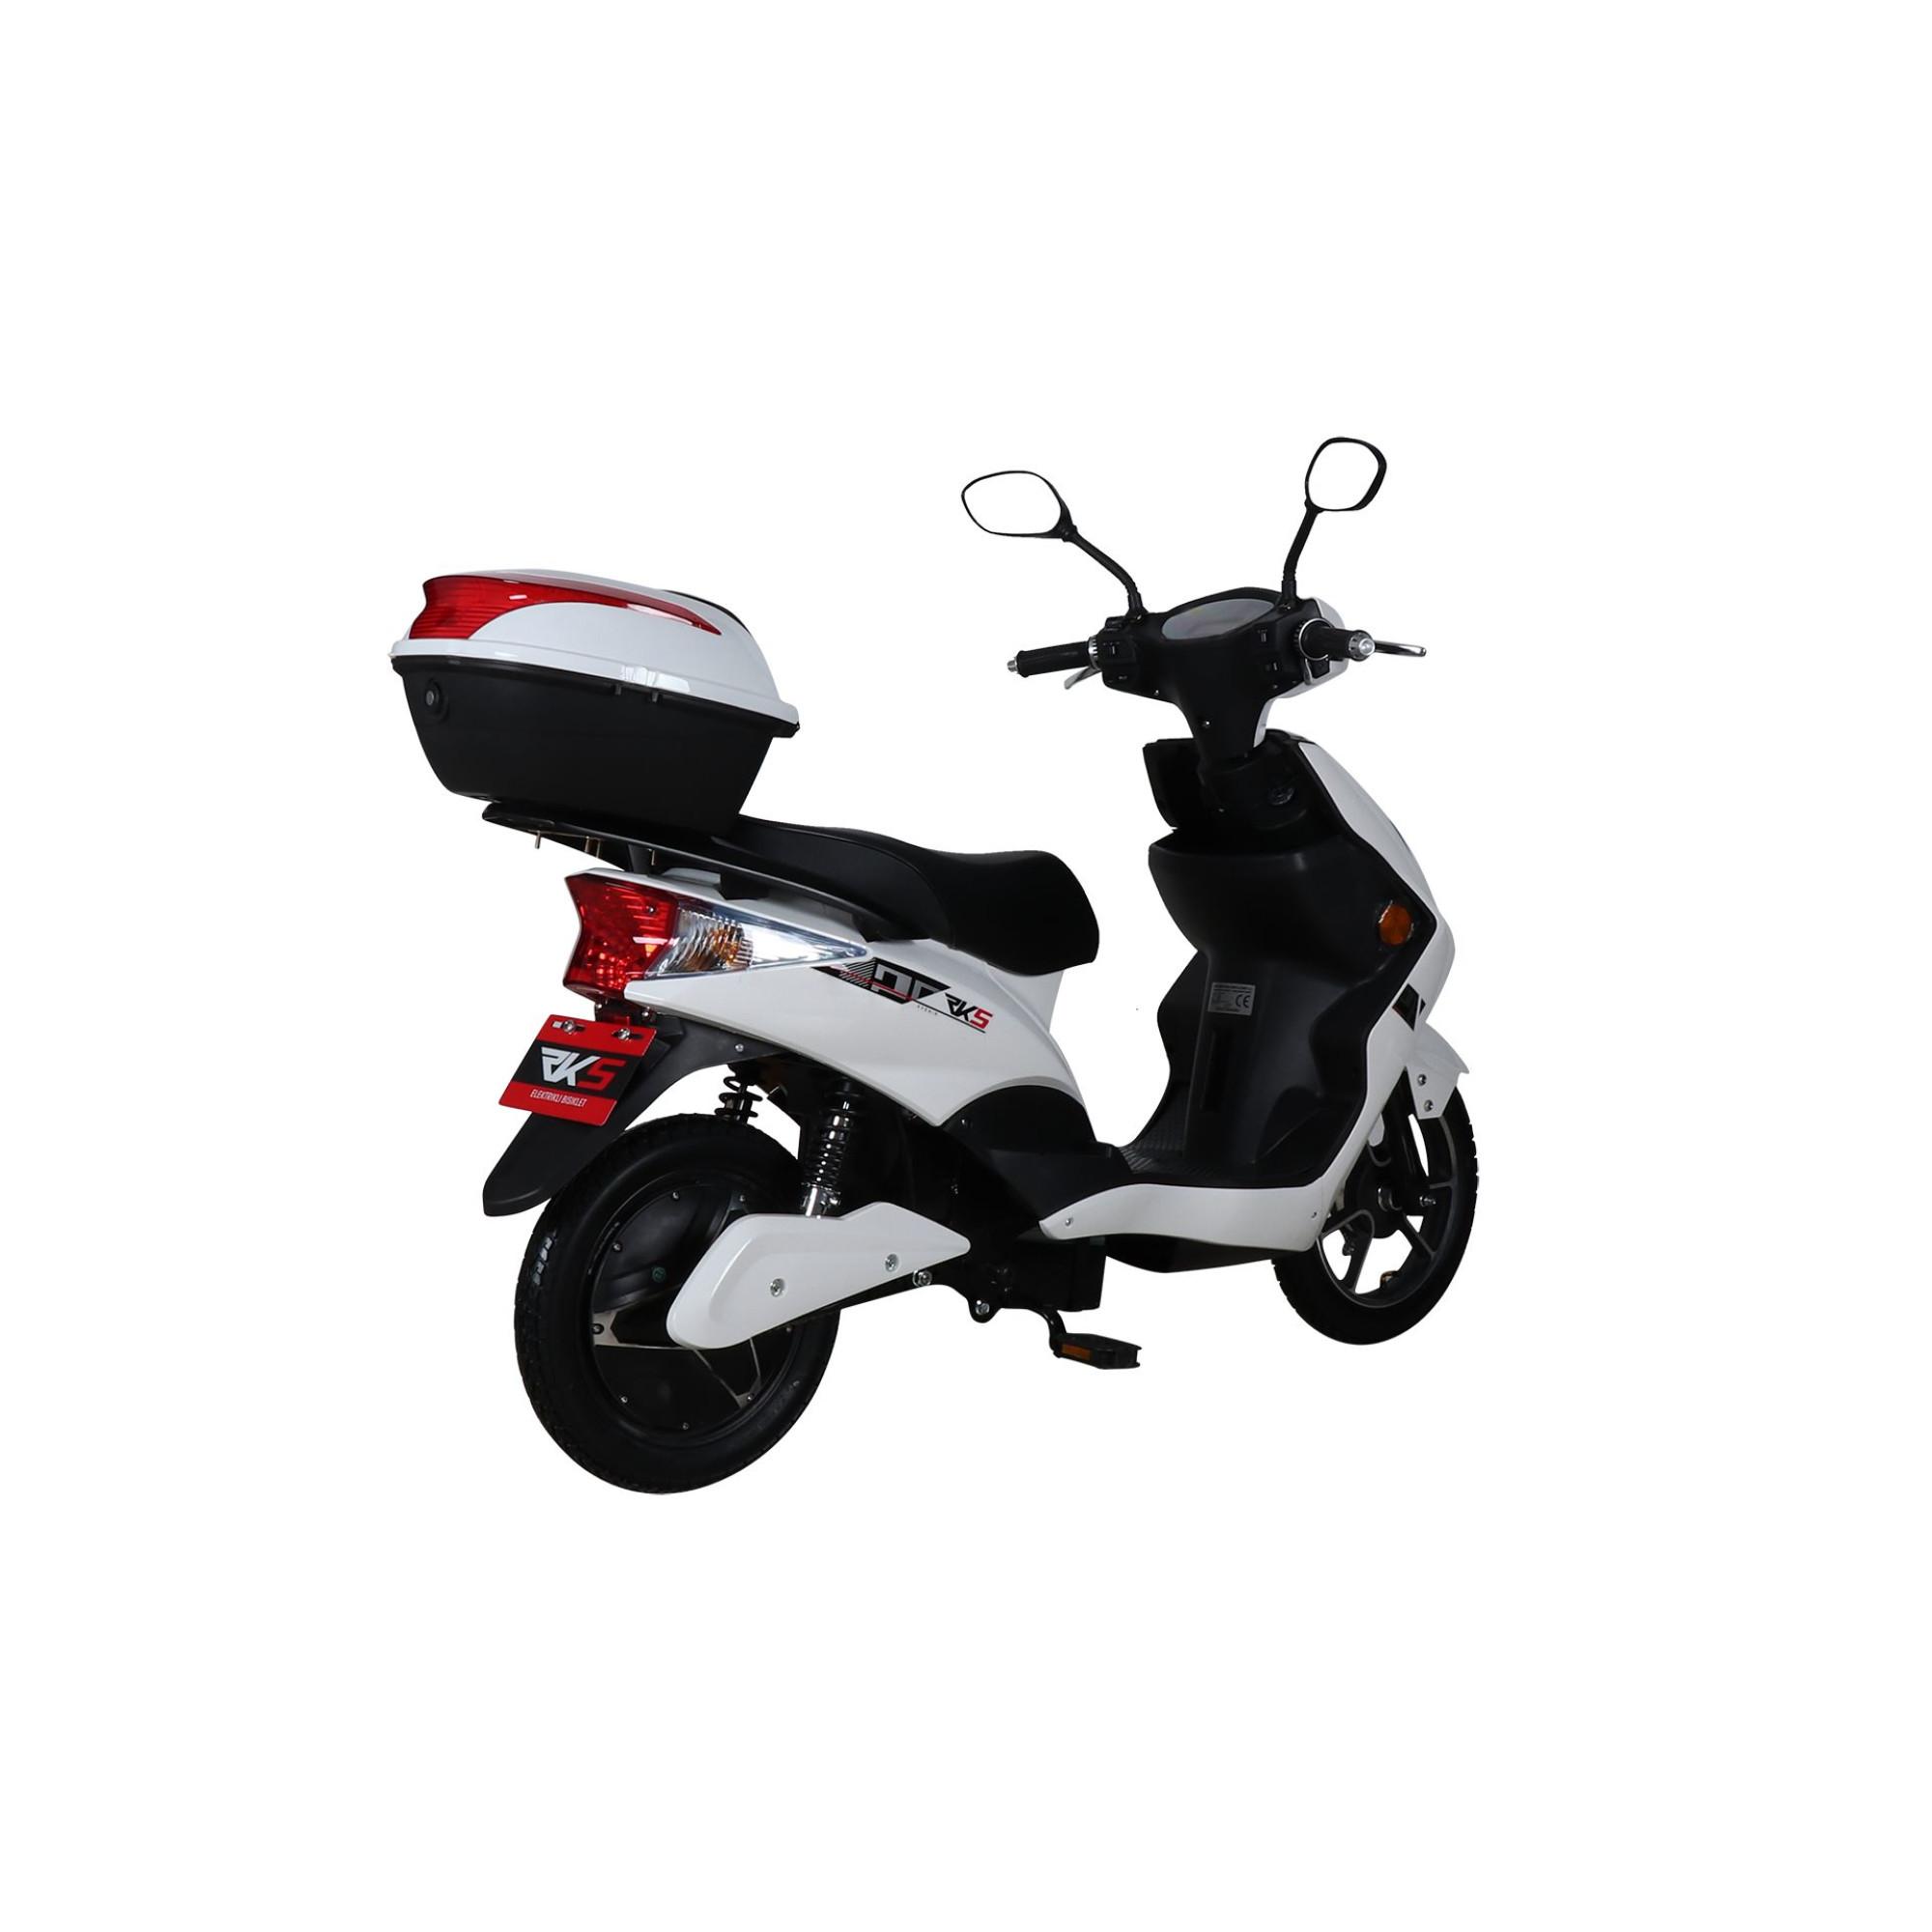 Bicicletă electrică RKS ZF3